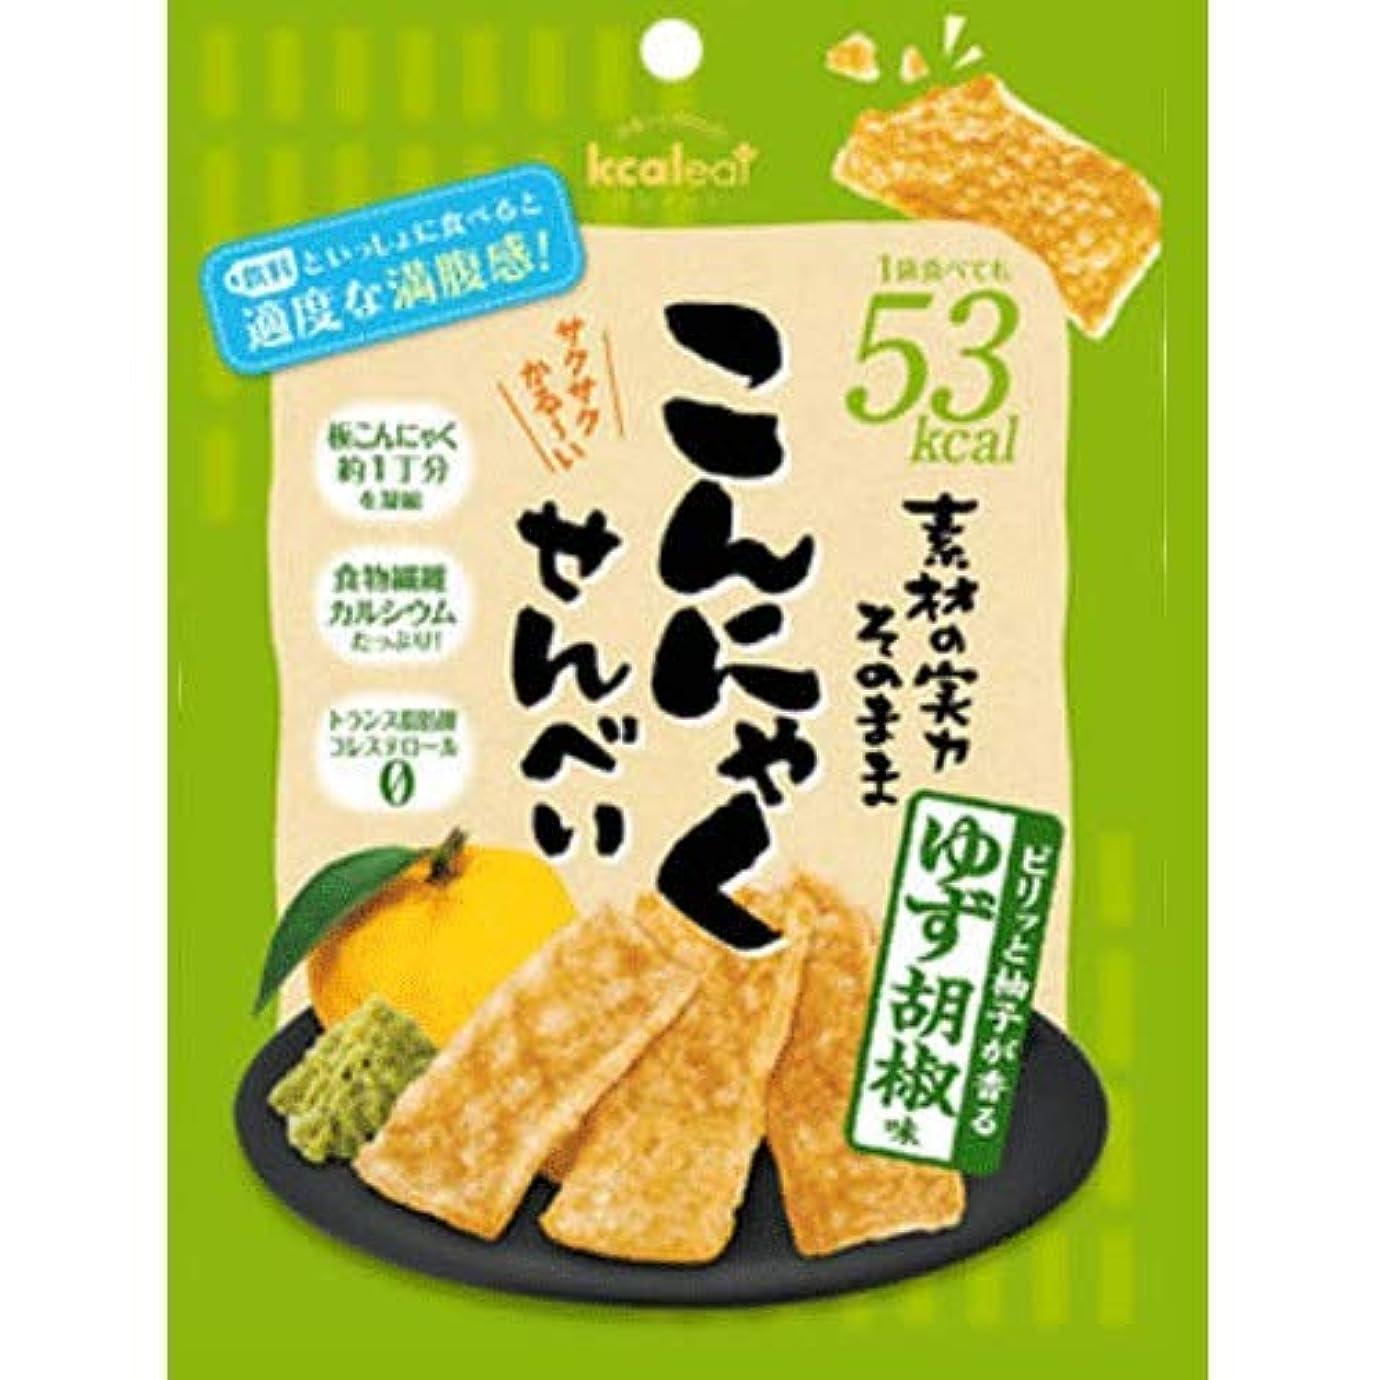 仕立て屋テスト適度にこんにゃくせんべい ゆず胡椒 15g (20袋セット)